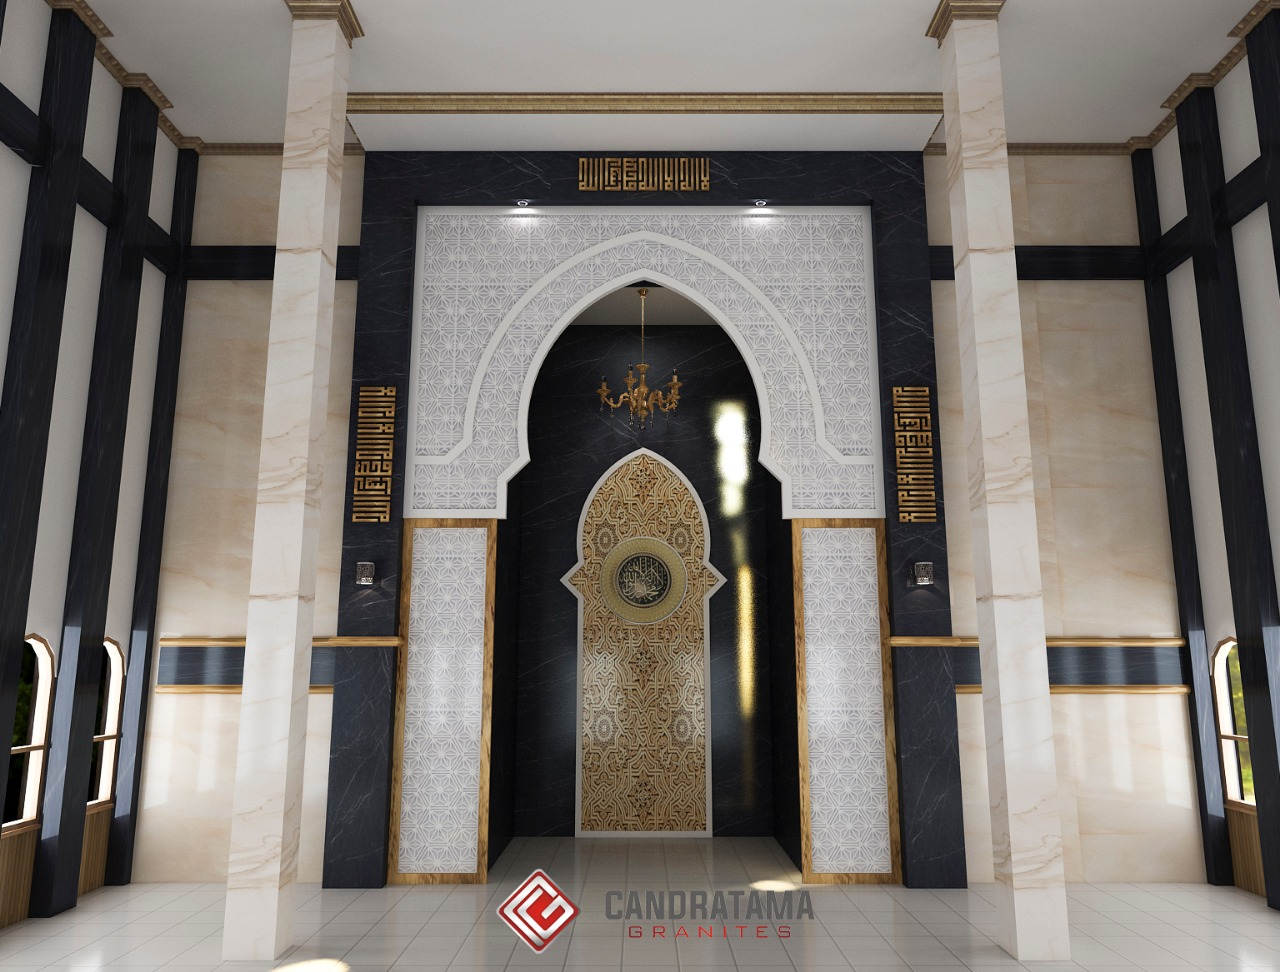 MODEL MASJID TERBARU DENGAN MATERIAL GRANIT dinding masjid granit MEMPERINDAH INTERIOR jual lantai masjid murah granit marmer